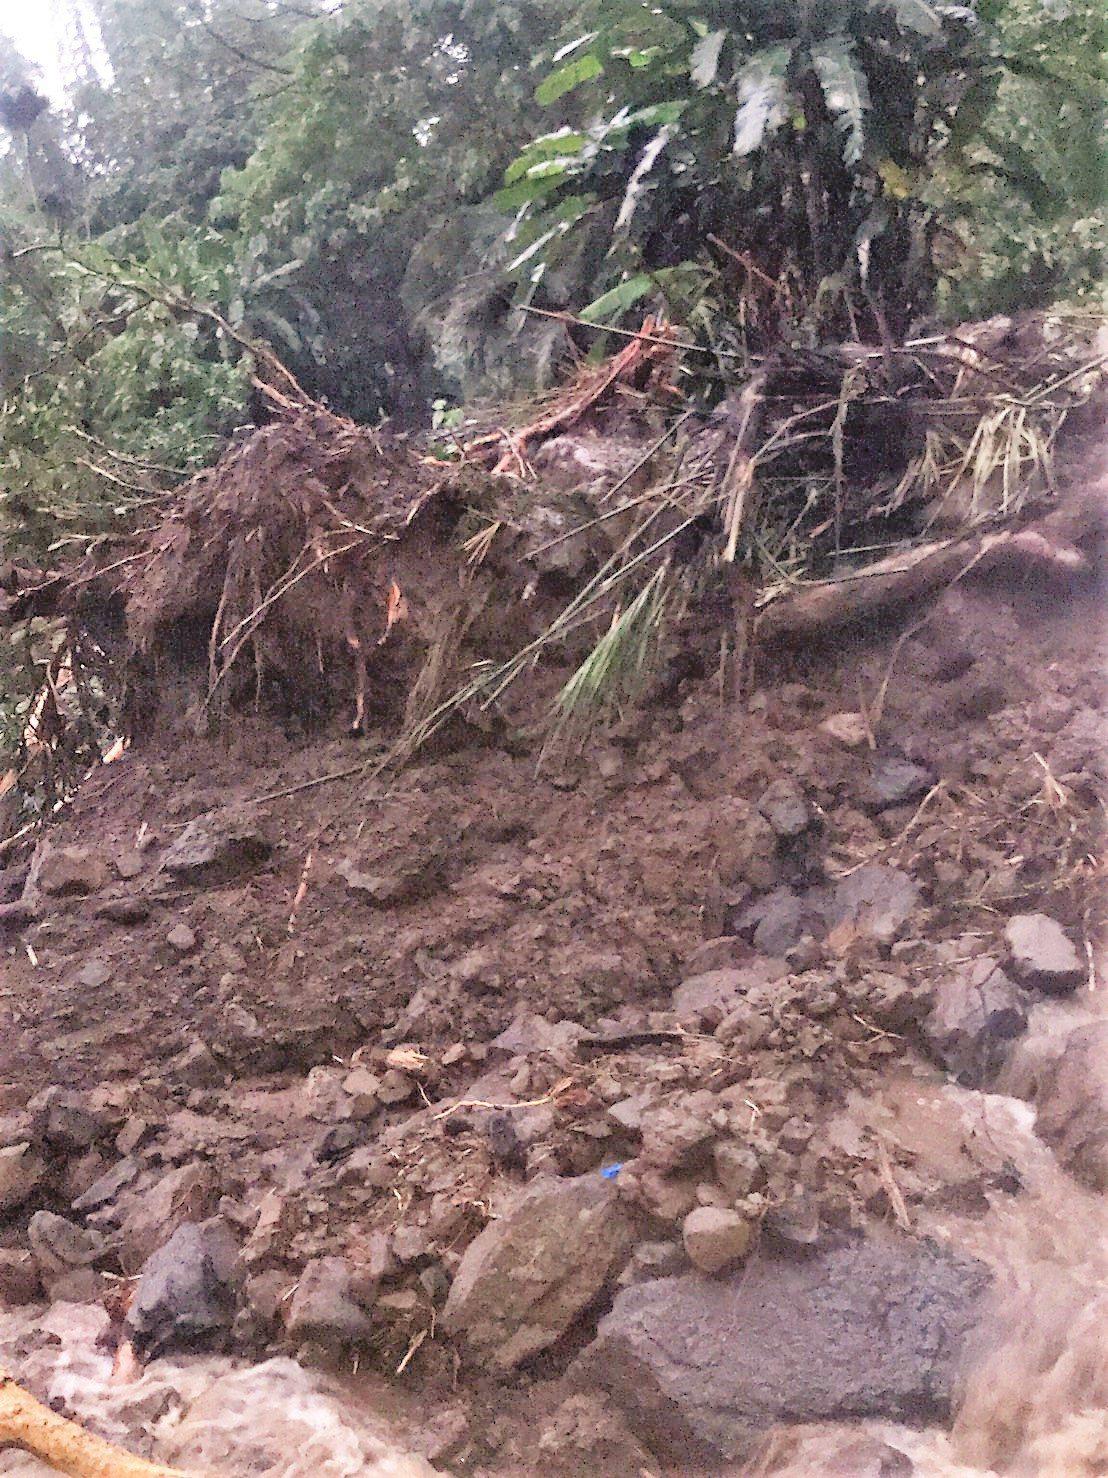 阿里山林鐵員工今天巡視發現,地震土石滑落、軌道損壞,阿里山林鐵將停駛4天。圖/林...